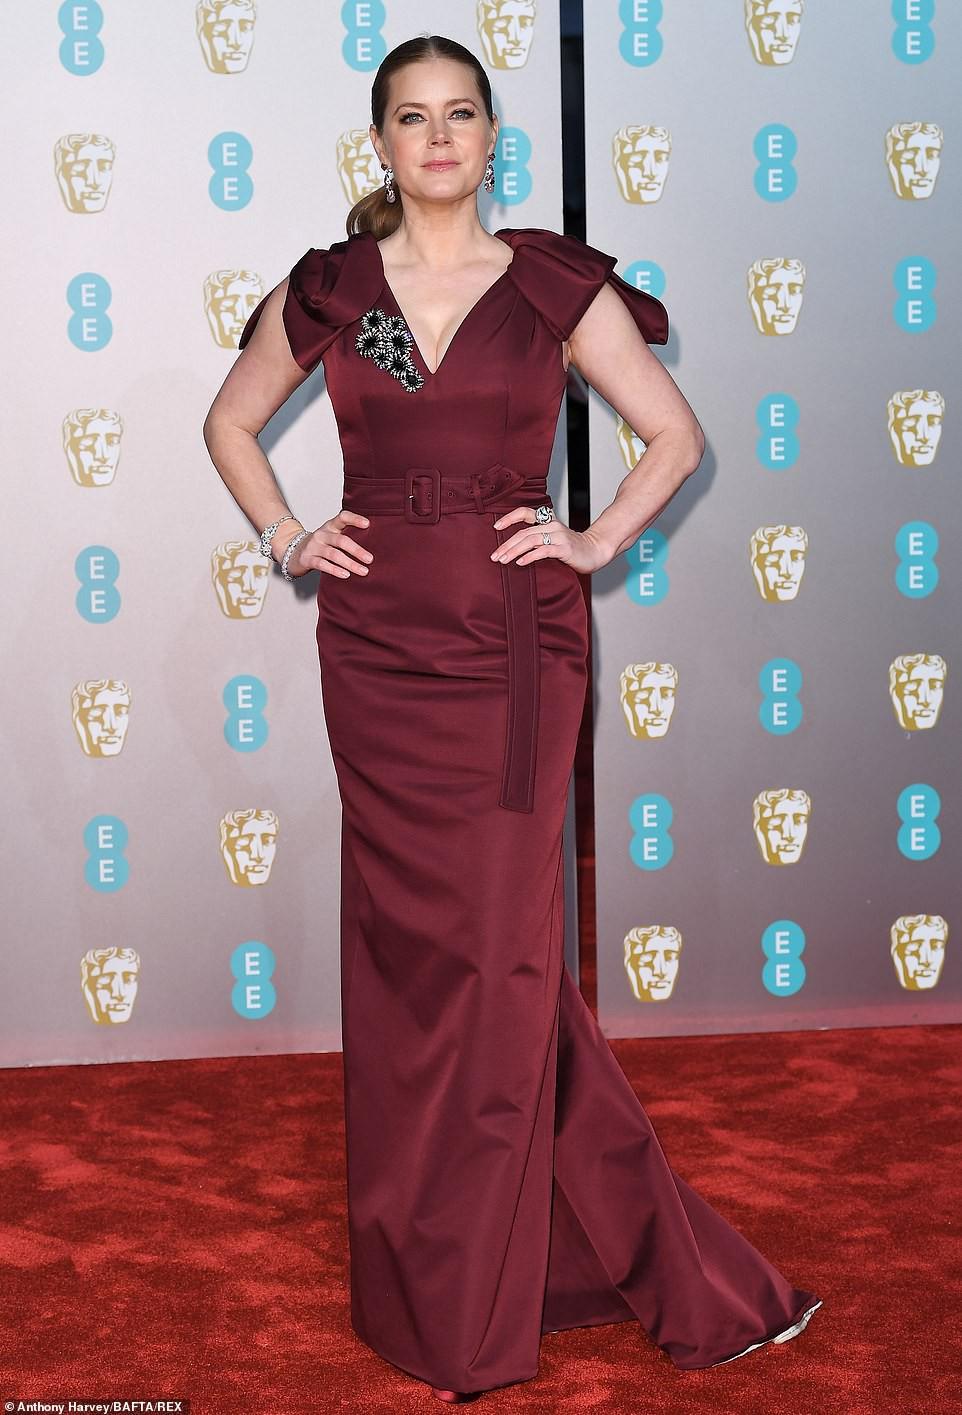 Thảm đỏ Oscar Anh Quốc: Công nương Kate và dàn sao Hollywood khoe nhan sắc tuyệt trần, thật khó chọn ai đẹp nhất! - Ảnh 10.